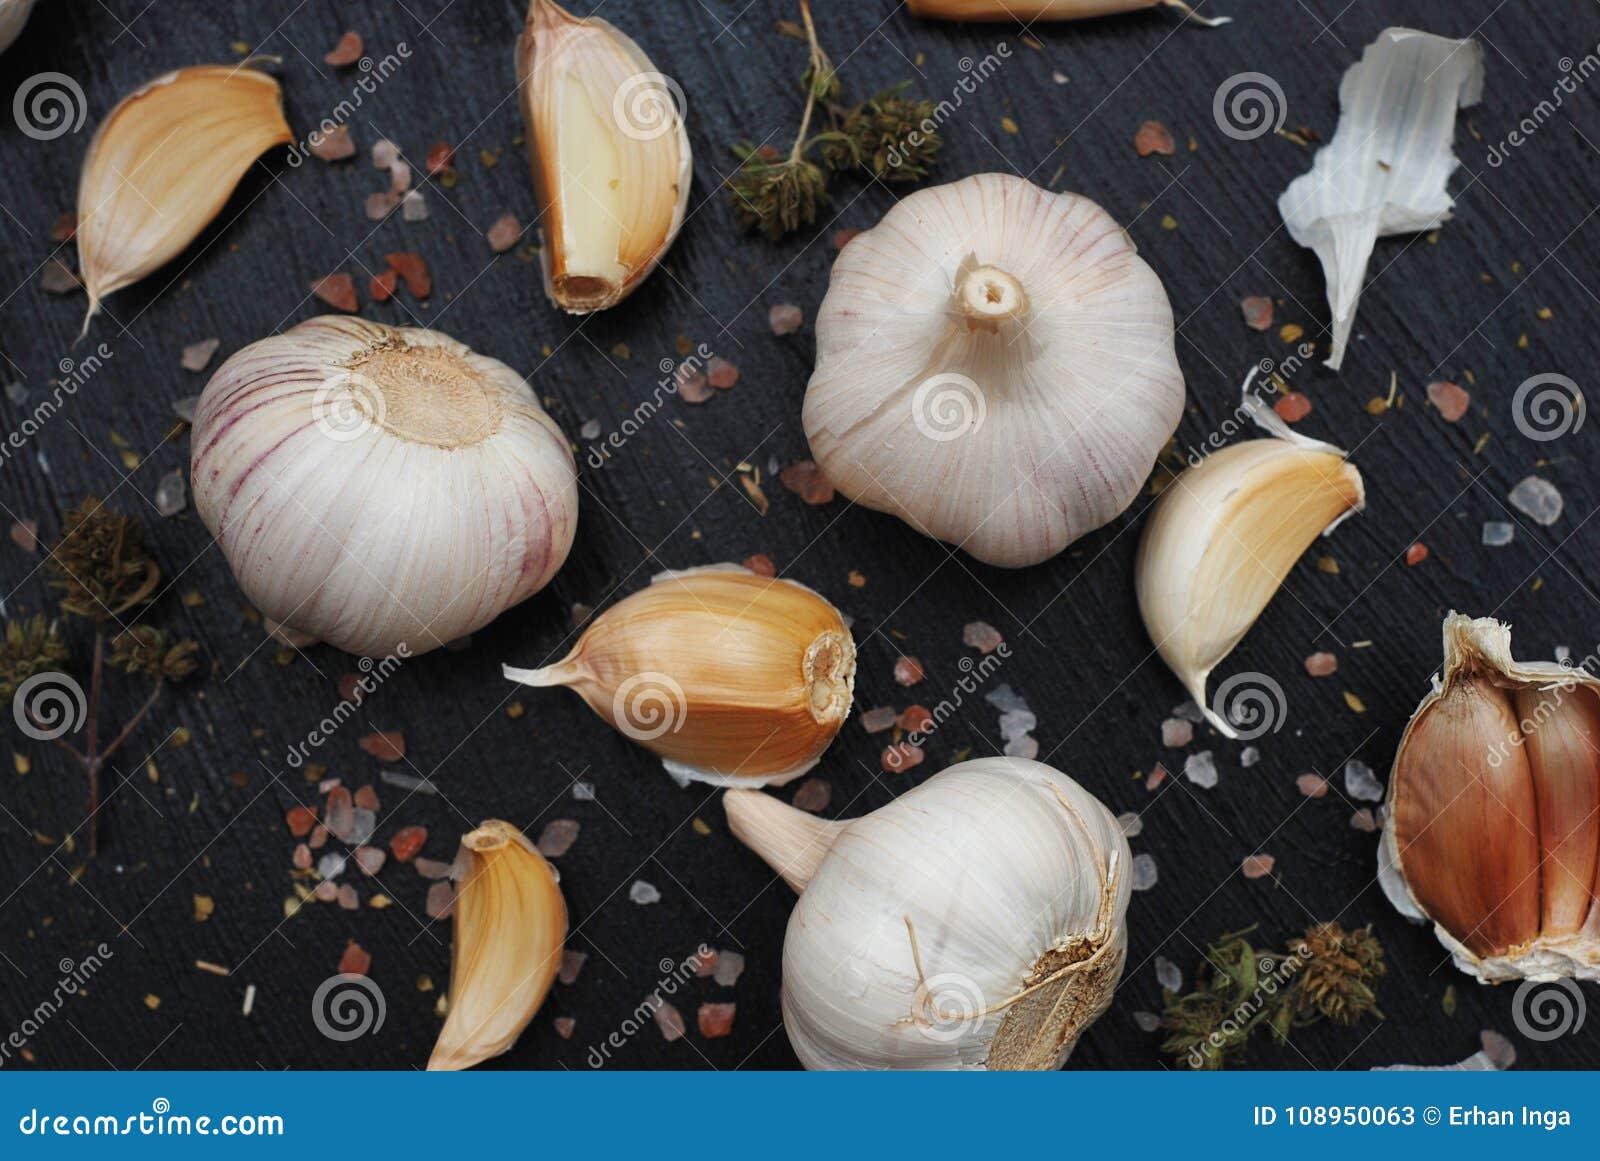 Σκόρδο με τα καρυκεύματα στο σκοτεινό υπόβαθρο συστατικά τροφίμων για τη συνταγή και την προετοιμασία τροφίμων Άλας και έγγραφο